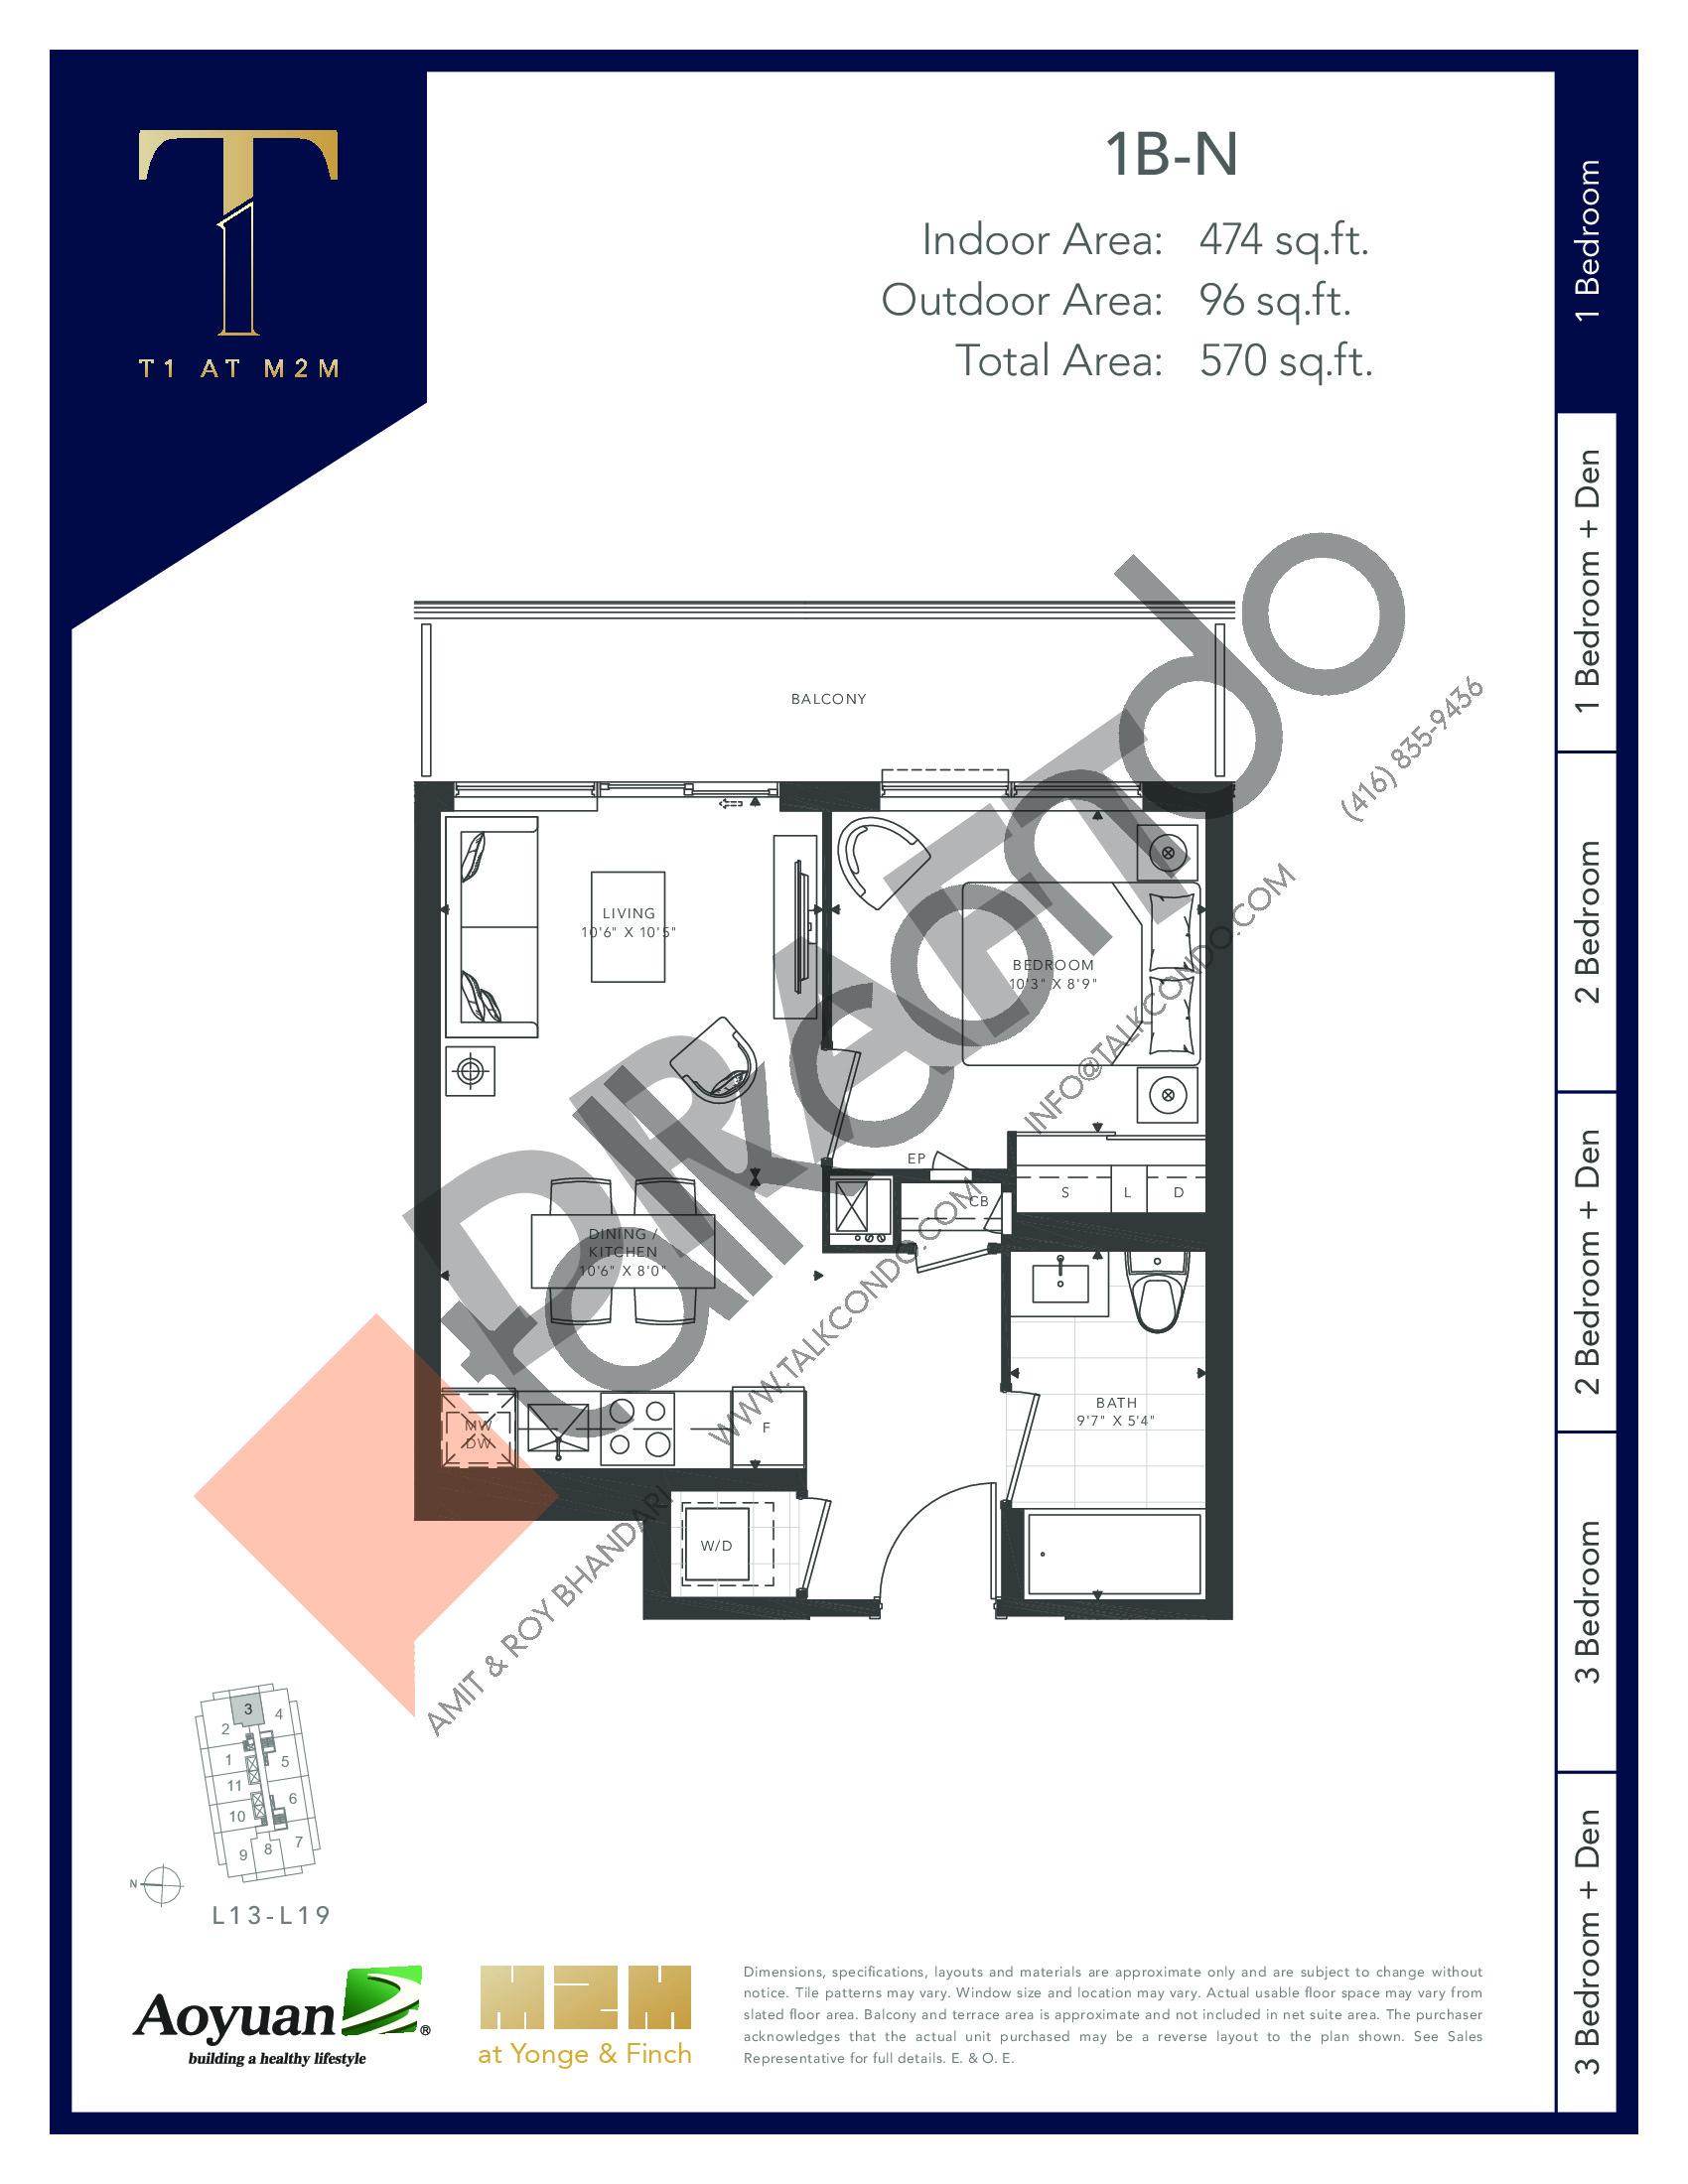 1B-N (Tower) Floor Plan at T1 at M2M Condos - 474 sq.ft